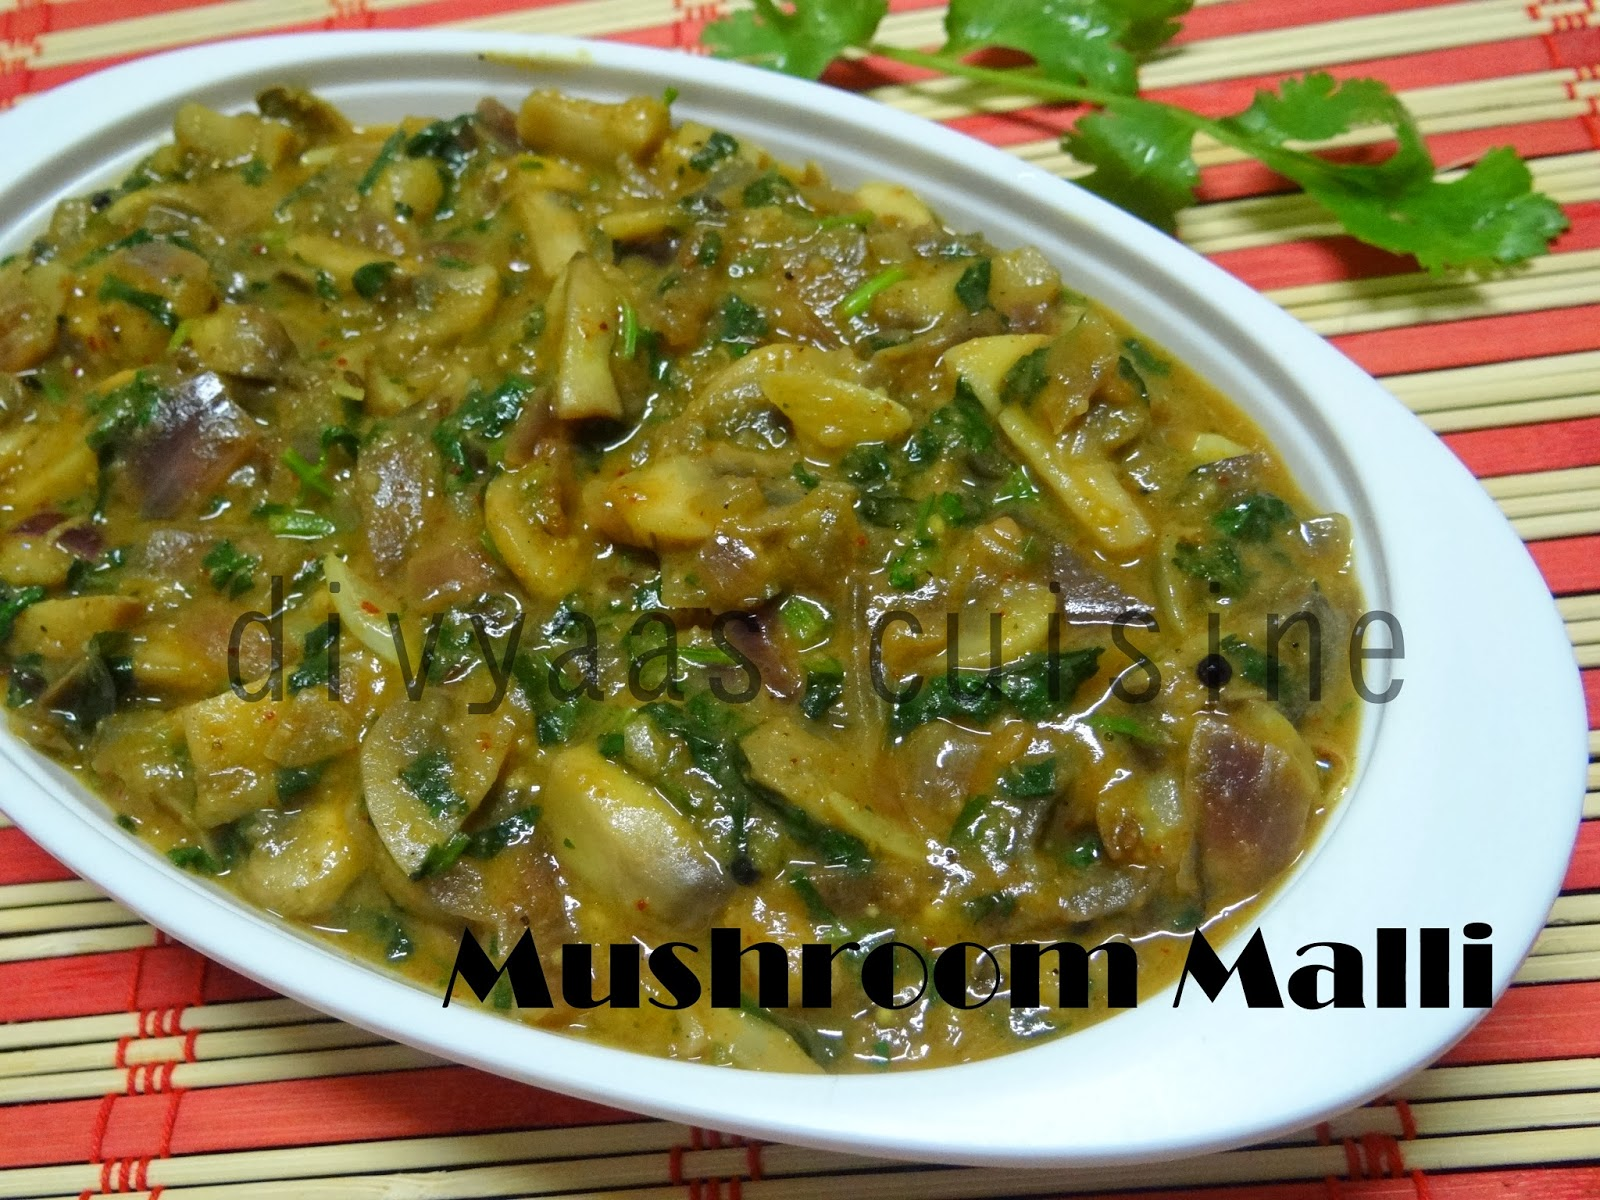 Mushroom Malli